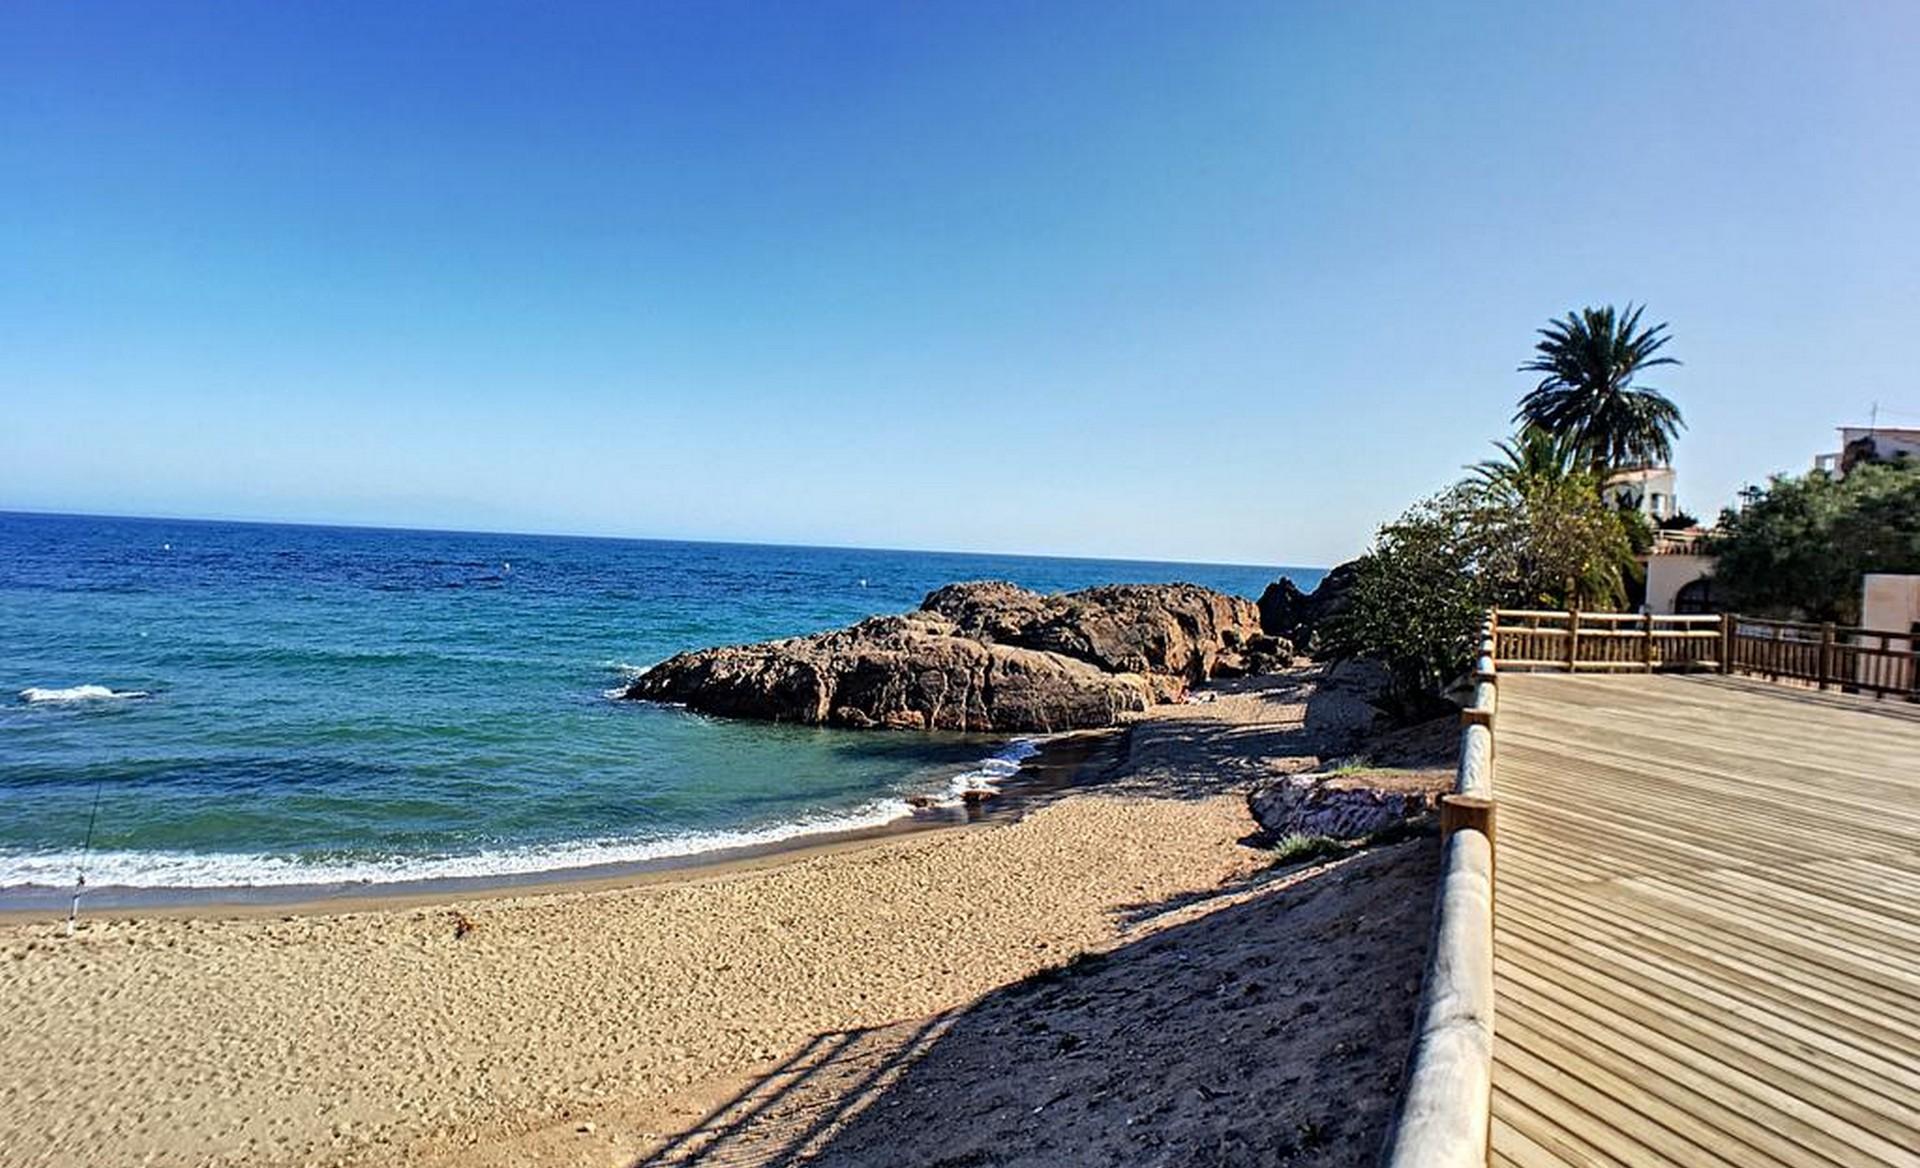 Bolnuevo strand